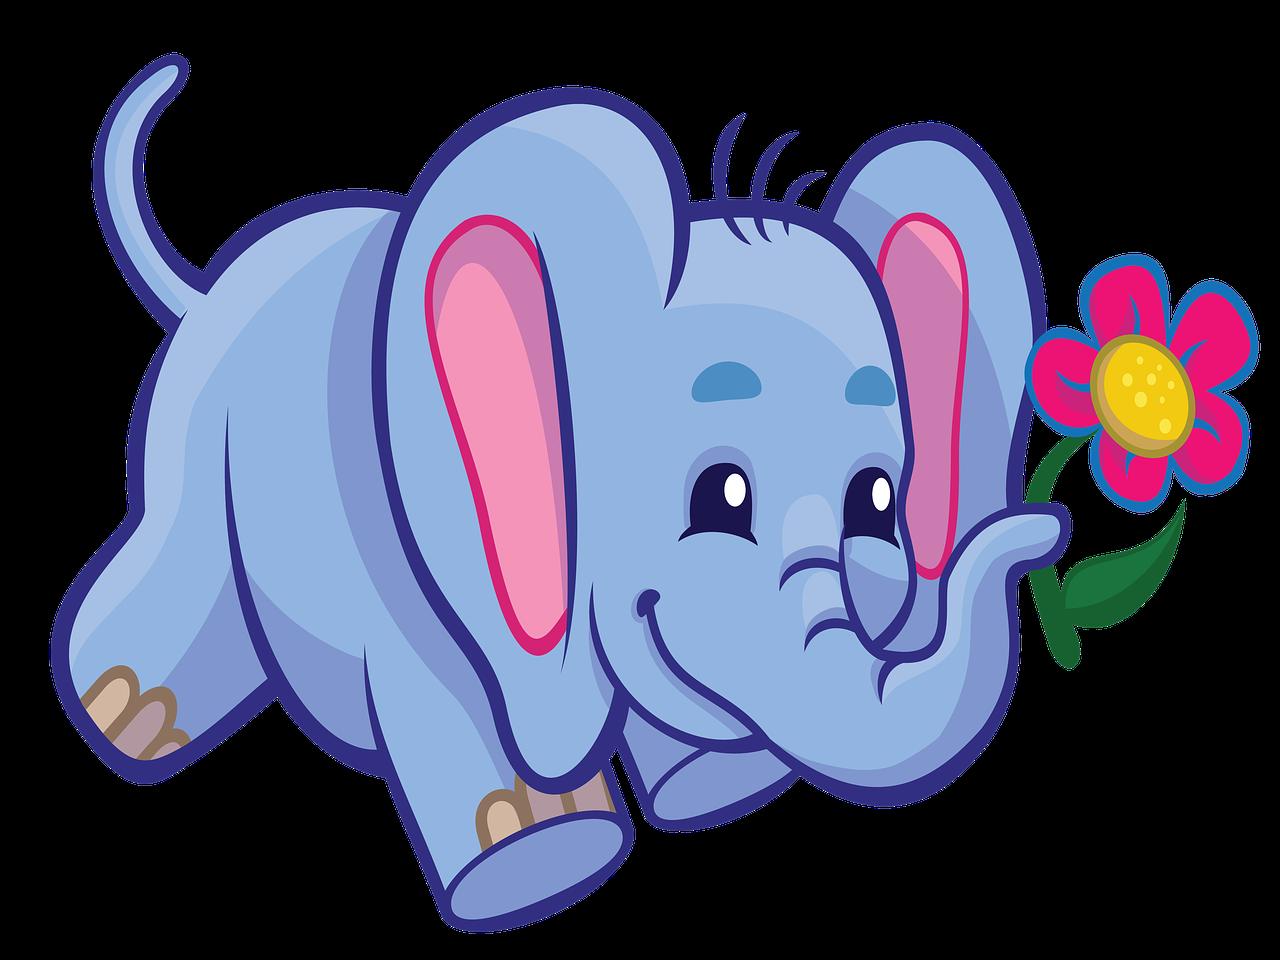 краткие картинка для шкафчика слоненок развивается крайне быстро